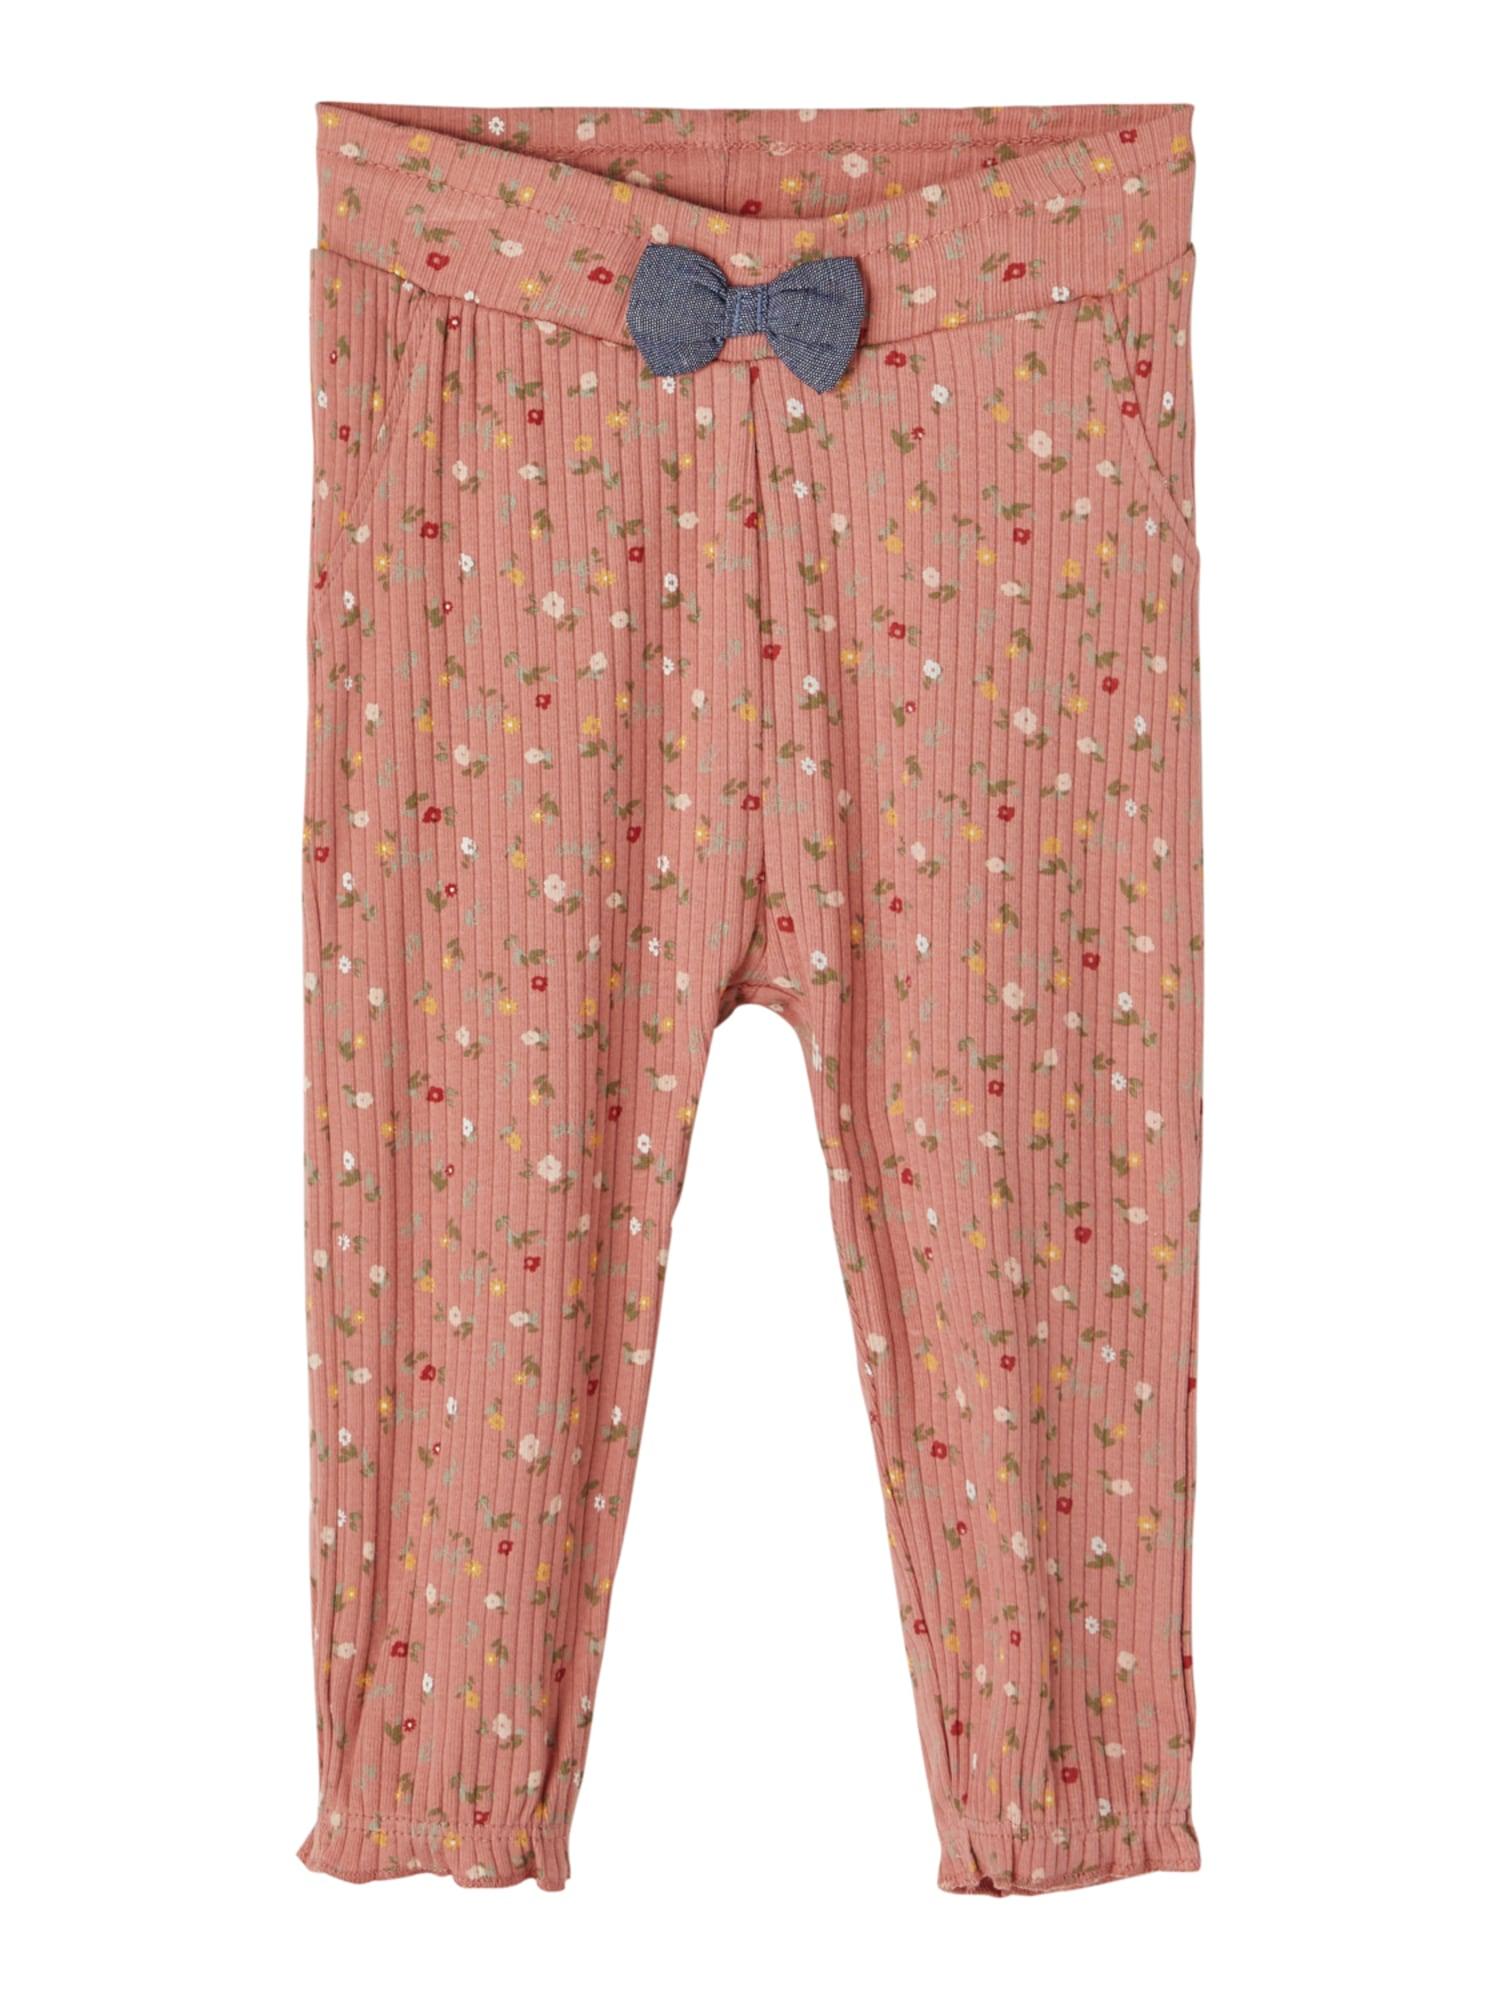 NAME IT Kelnės 'Janice' ryškiai rožinė spalva / mišrios spalvos